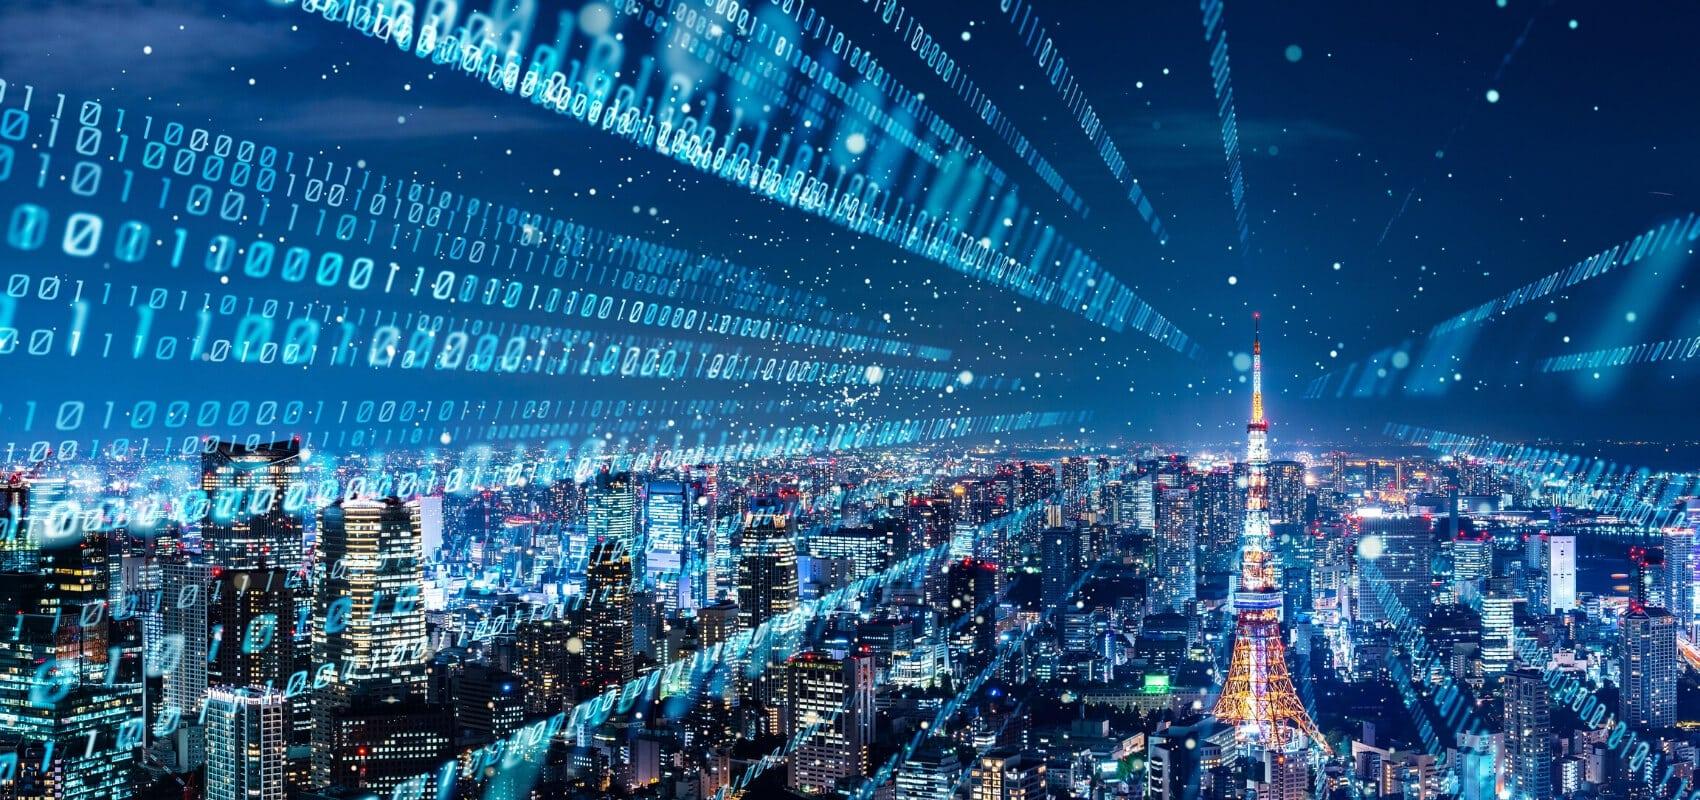 przekształcenie cyfrowe biznesu, Co to jest przekształcenie cyfrowe biznesu?